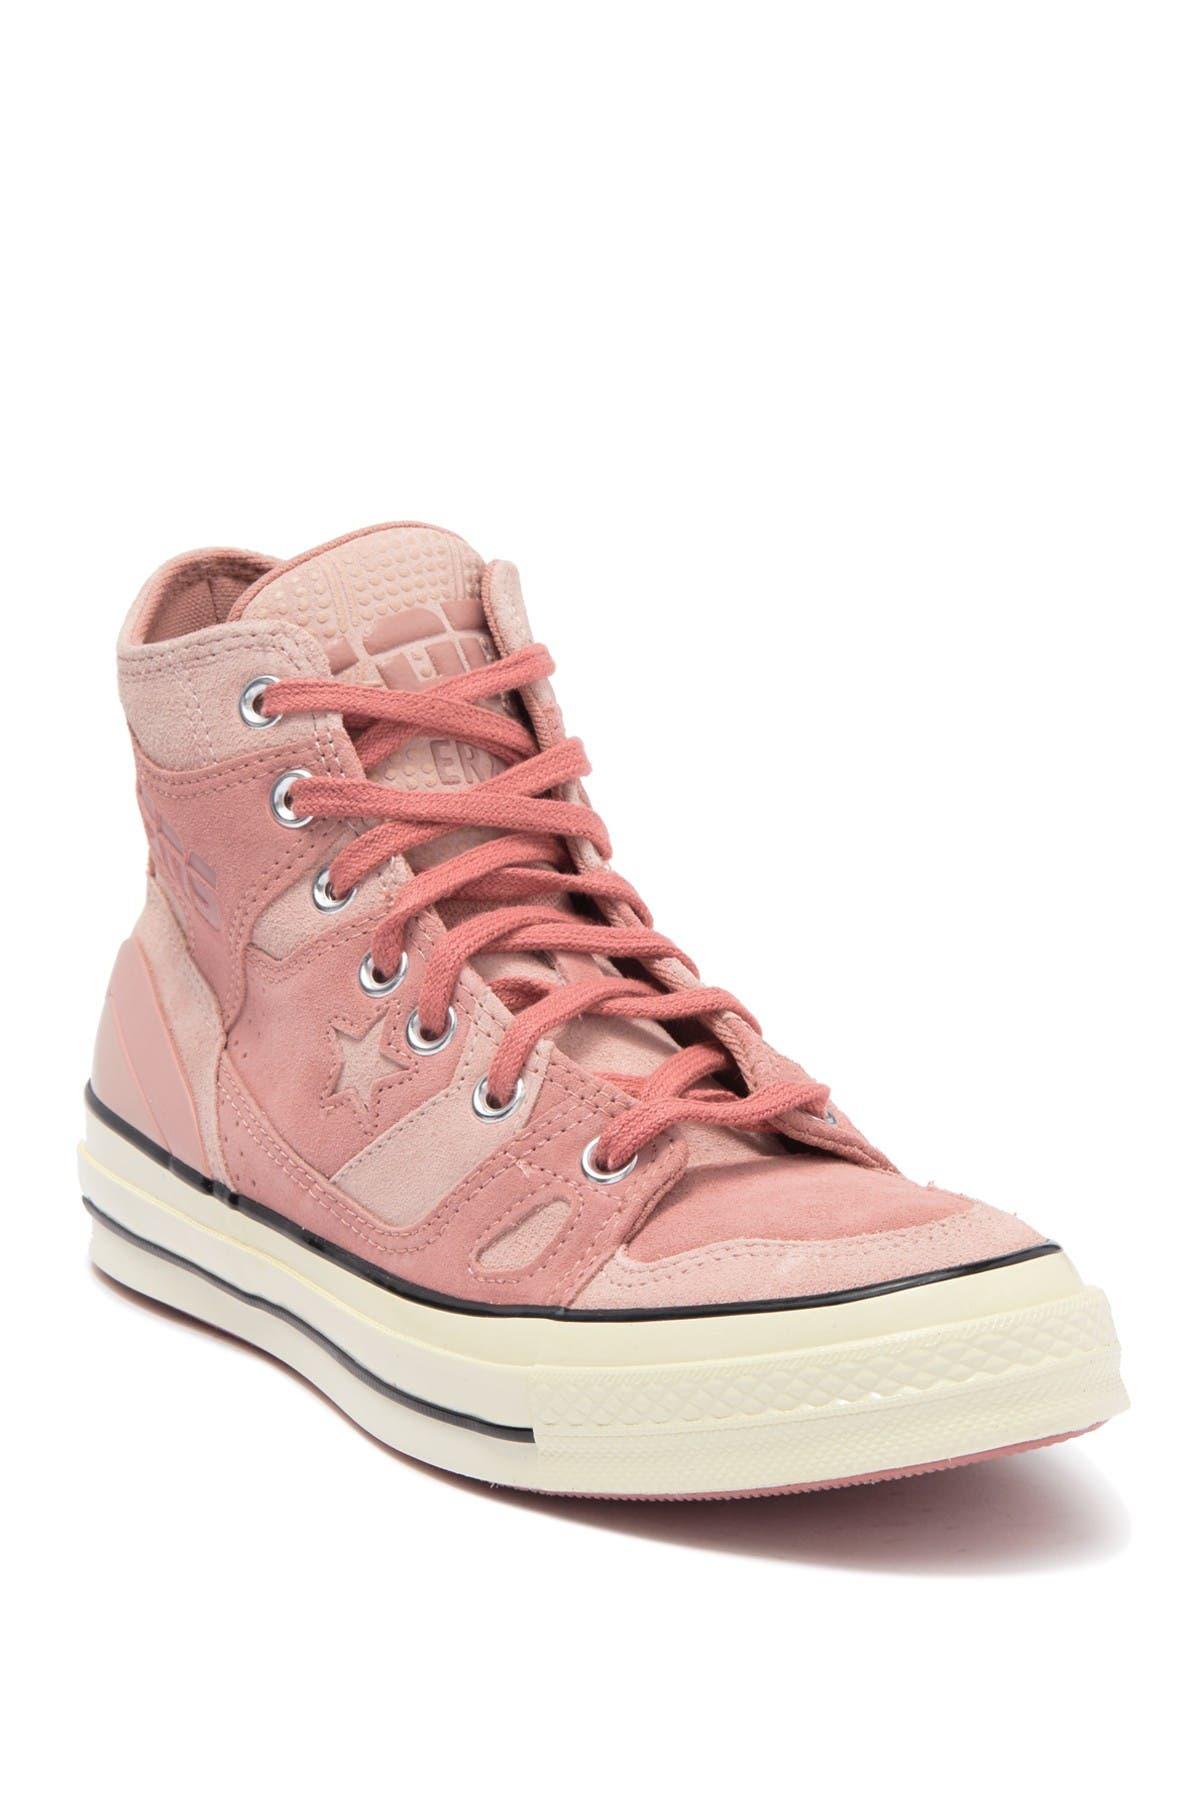 Image of Converse Chuck 70 E260 Hi Top Sneaker